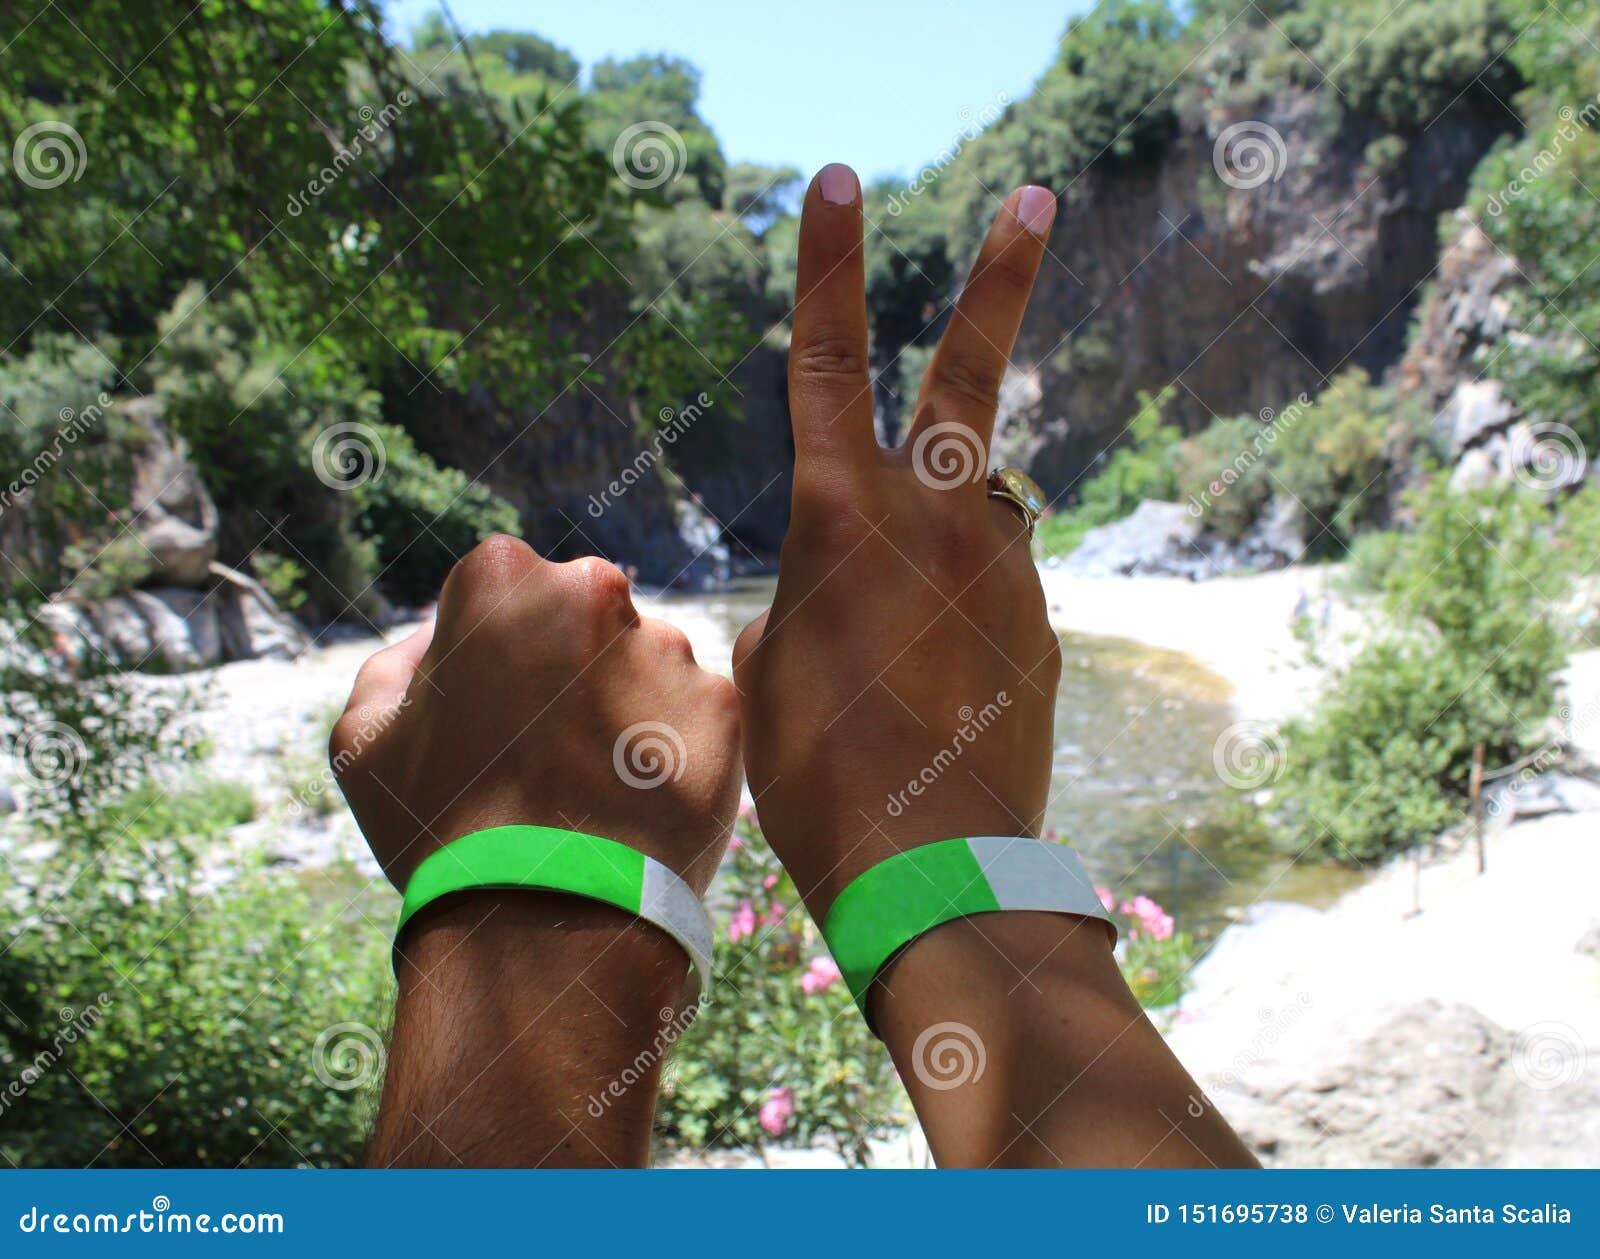 Le mani dei una coppia di giovane viaggiatore alle gole di un fiume parcheggiano